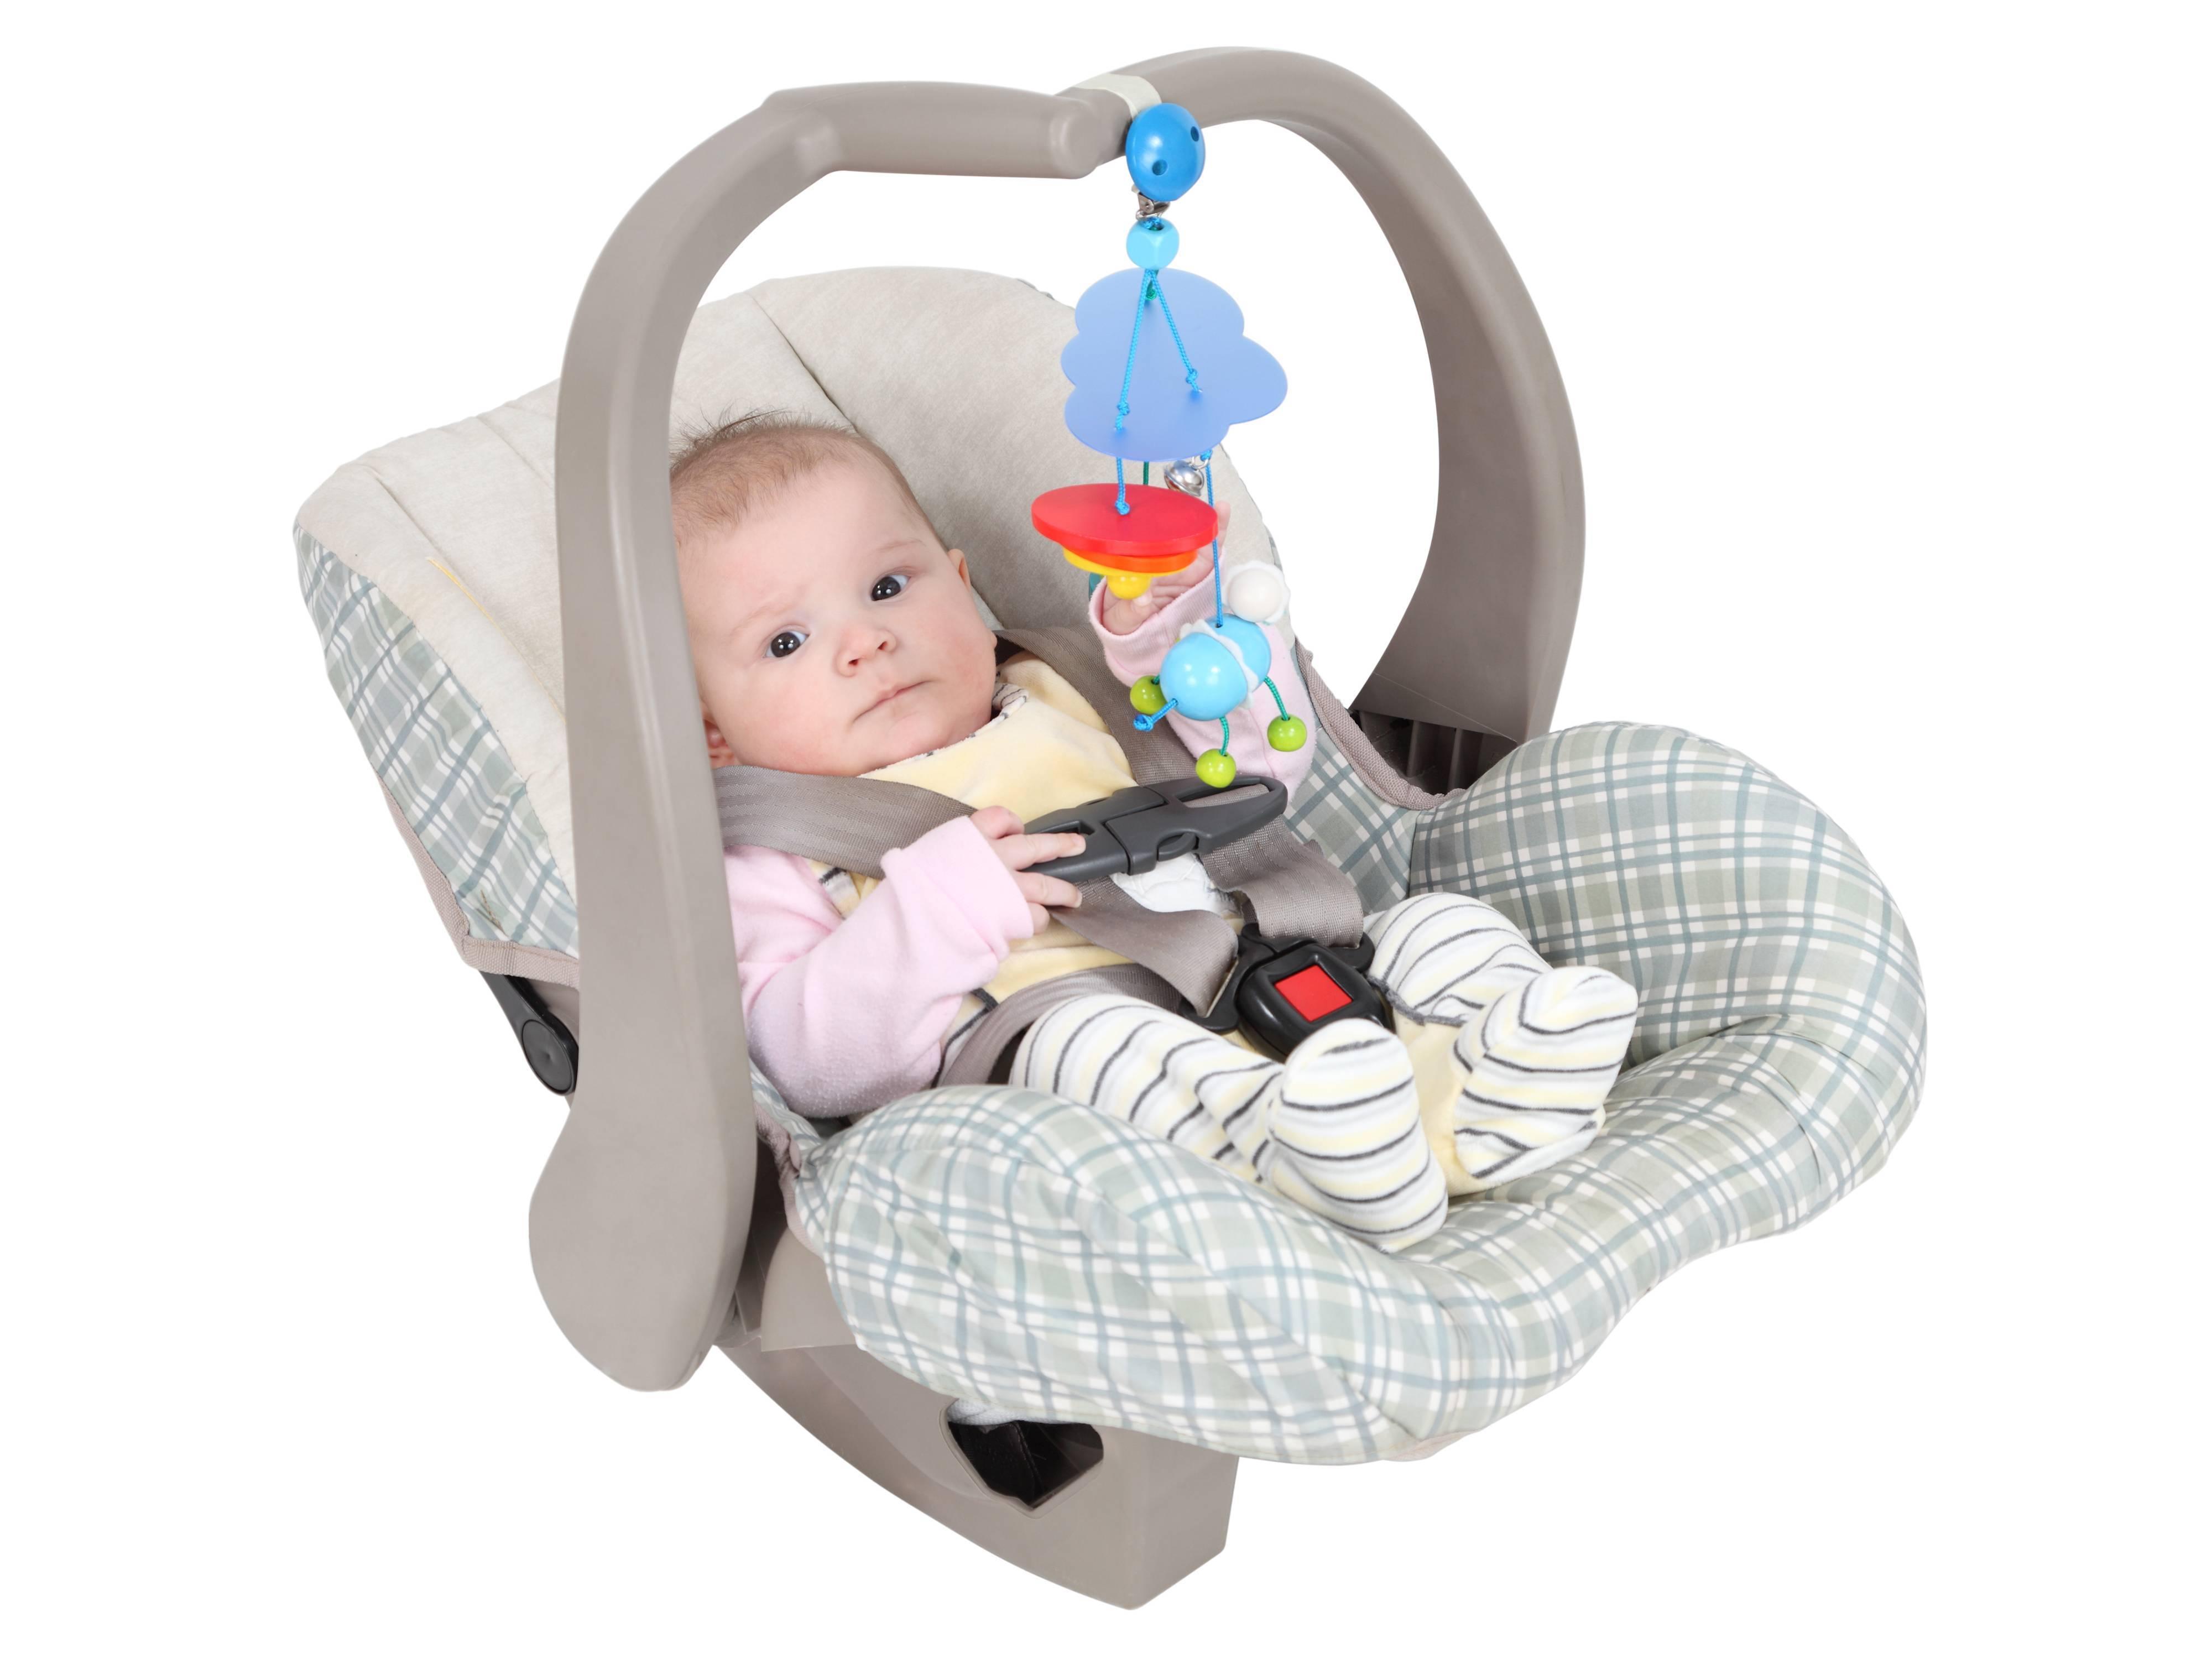 Автокресло для новорожденного ребенка | уроки для мам